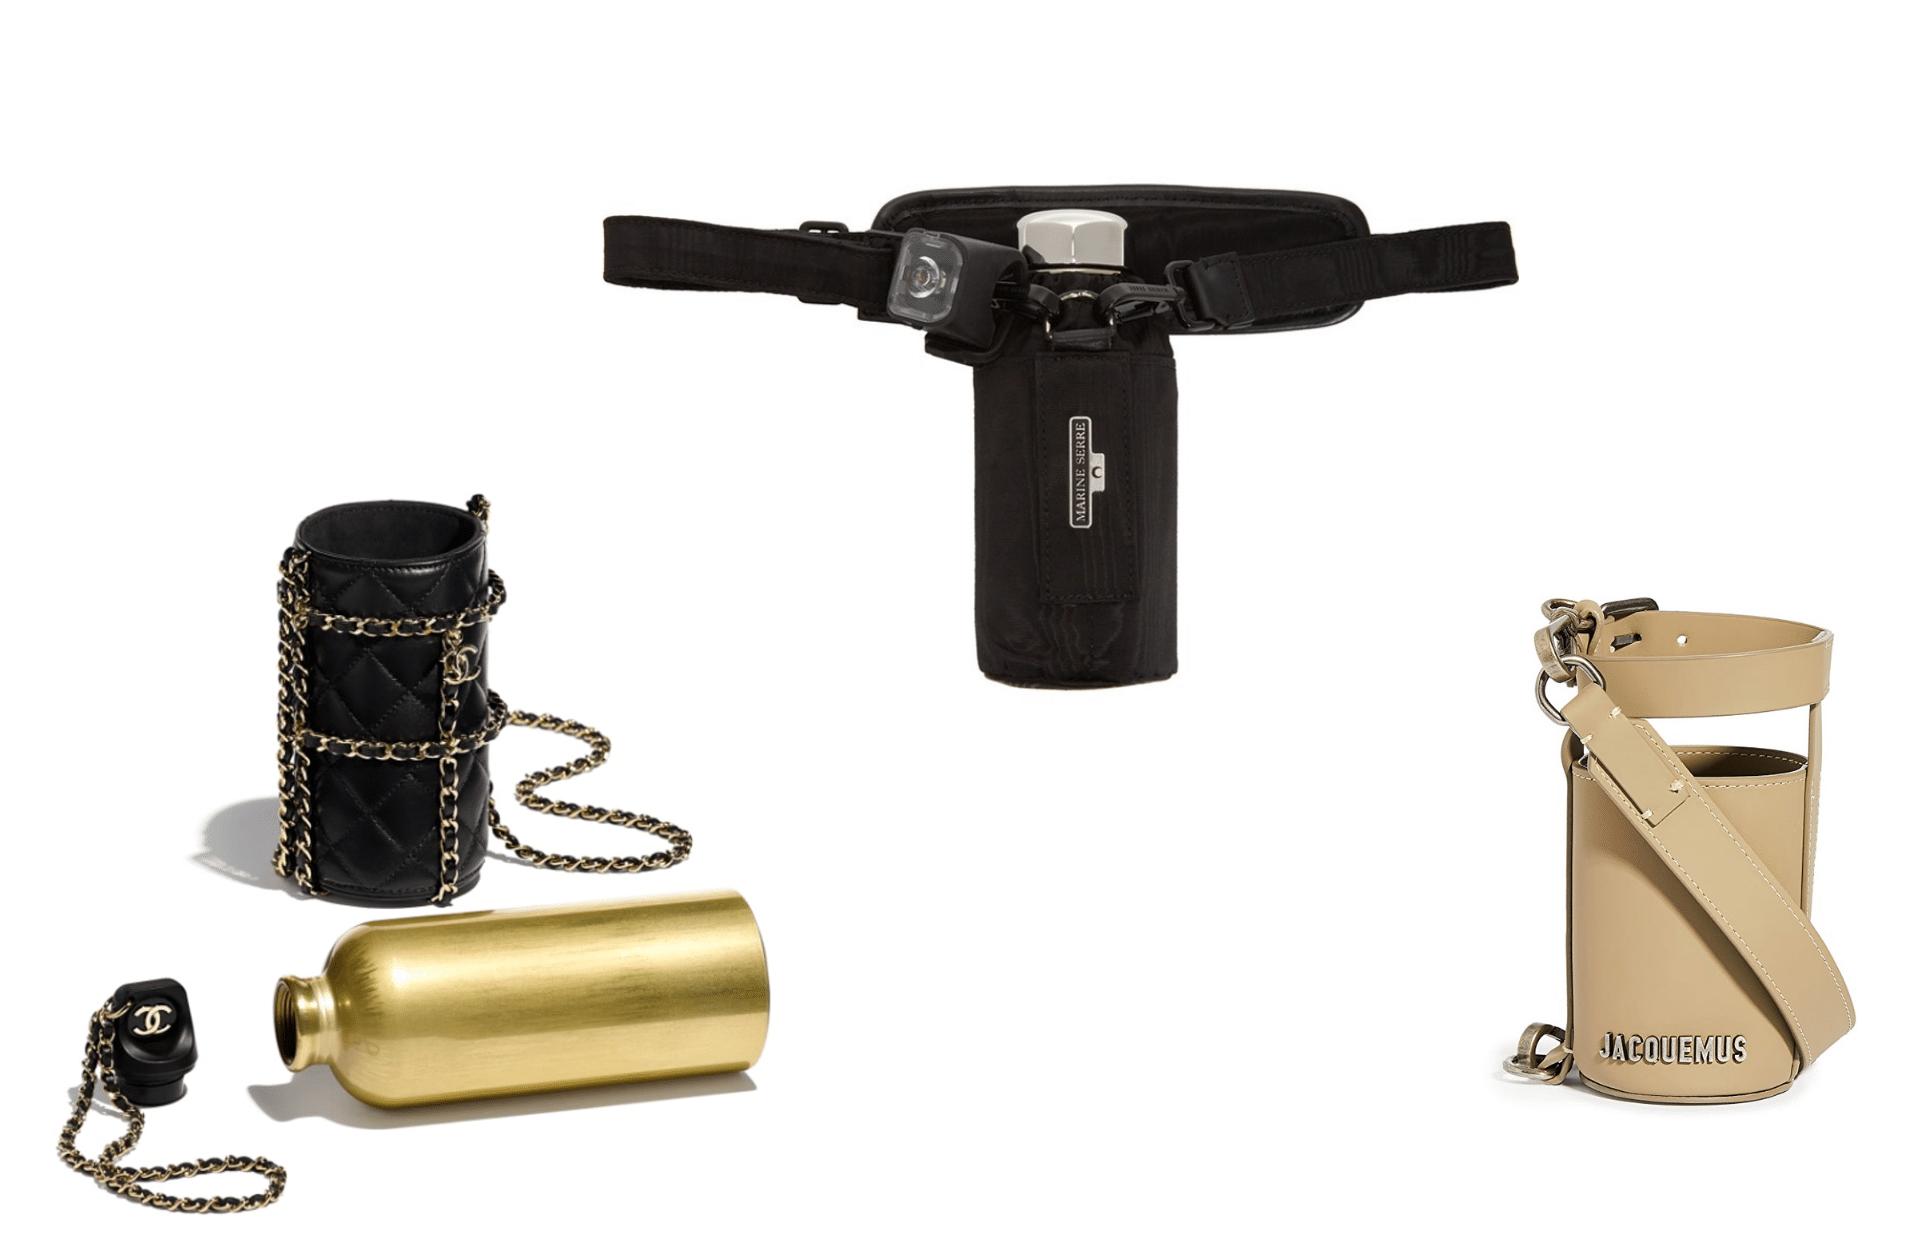 Chanel, Marine Serre et Jacquemus proposent des gourdes et/ou porrte-gourdes de luxe